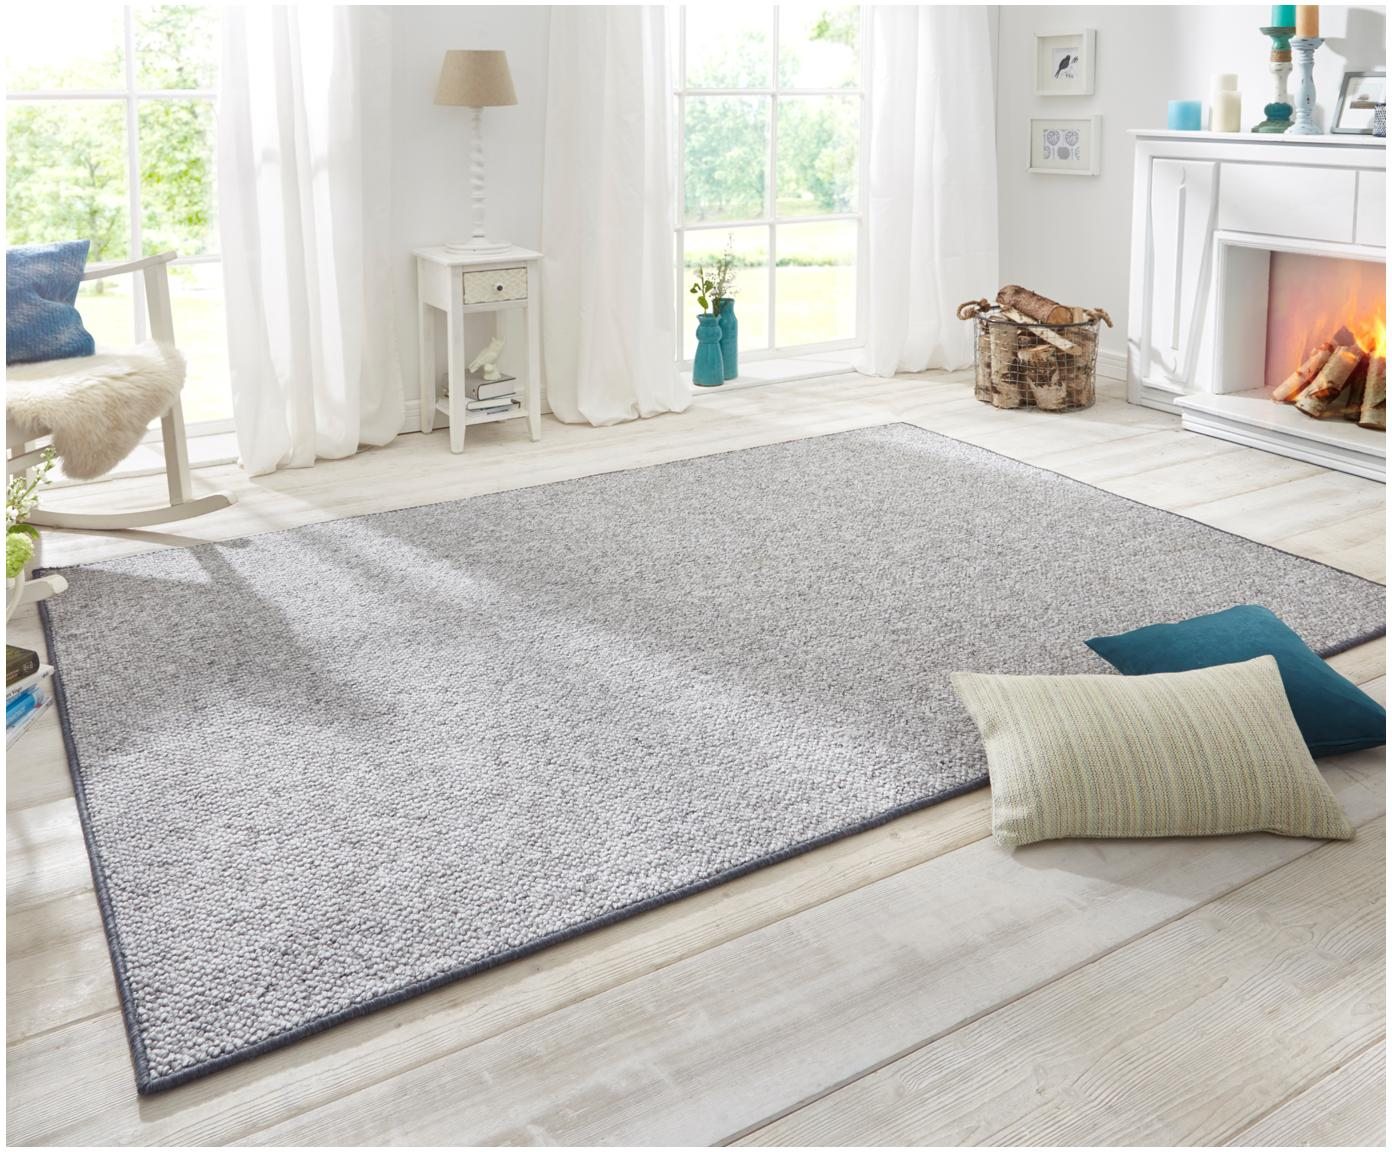 Teppich Lyon mit Schlingen-Flor, Flor: 100% Polypropylen Rücken, Grau, melangiert, B 100 x L 140 cm (Größe XS)